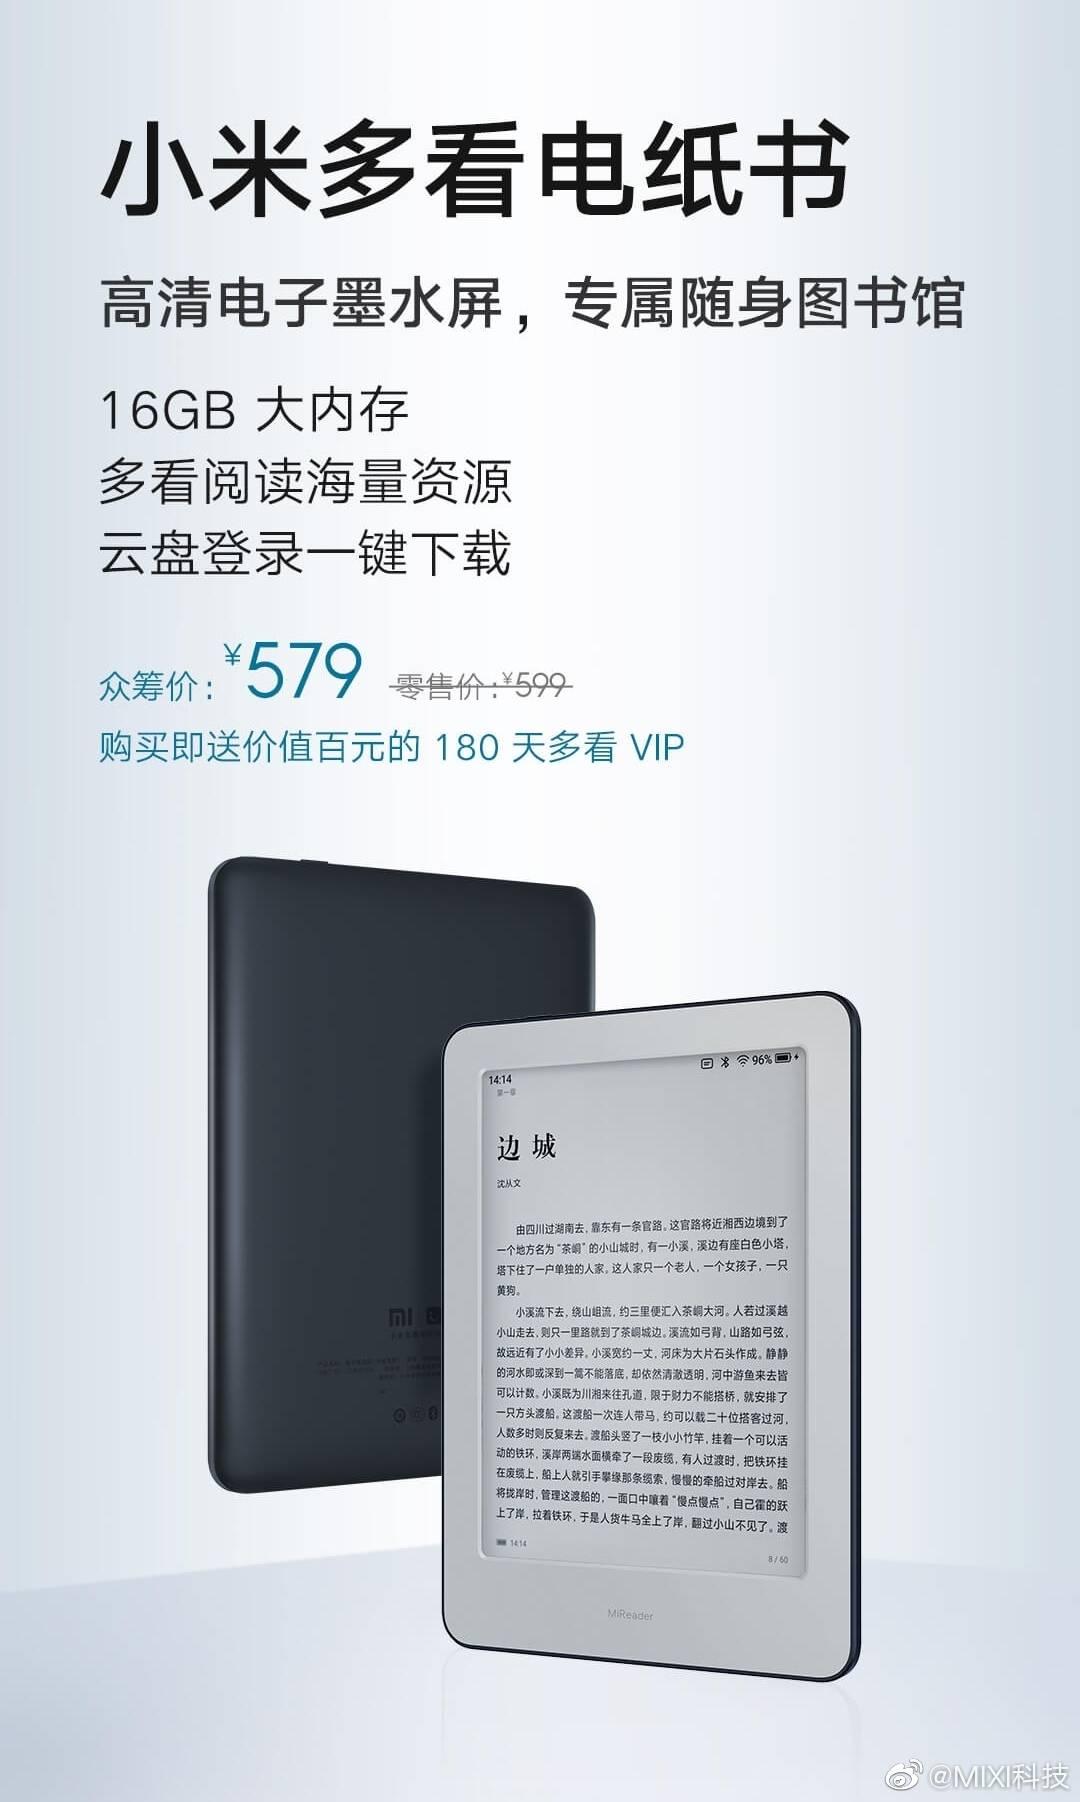 Xiaomi MiReader, wyglą MiReader, specyfikacja MiReader, design MiReader